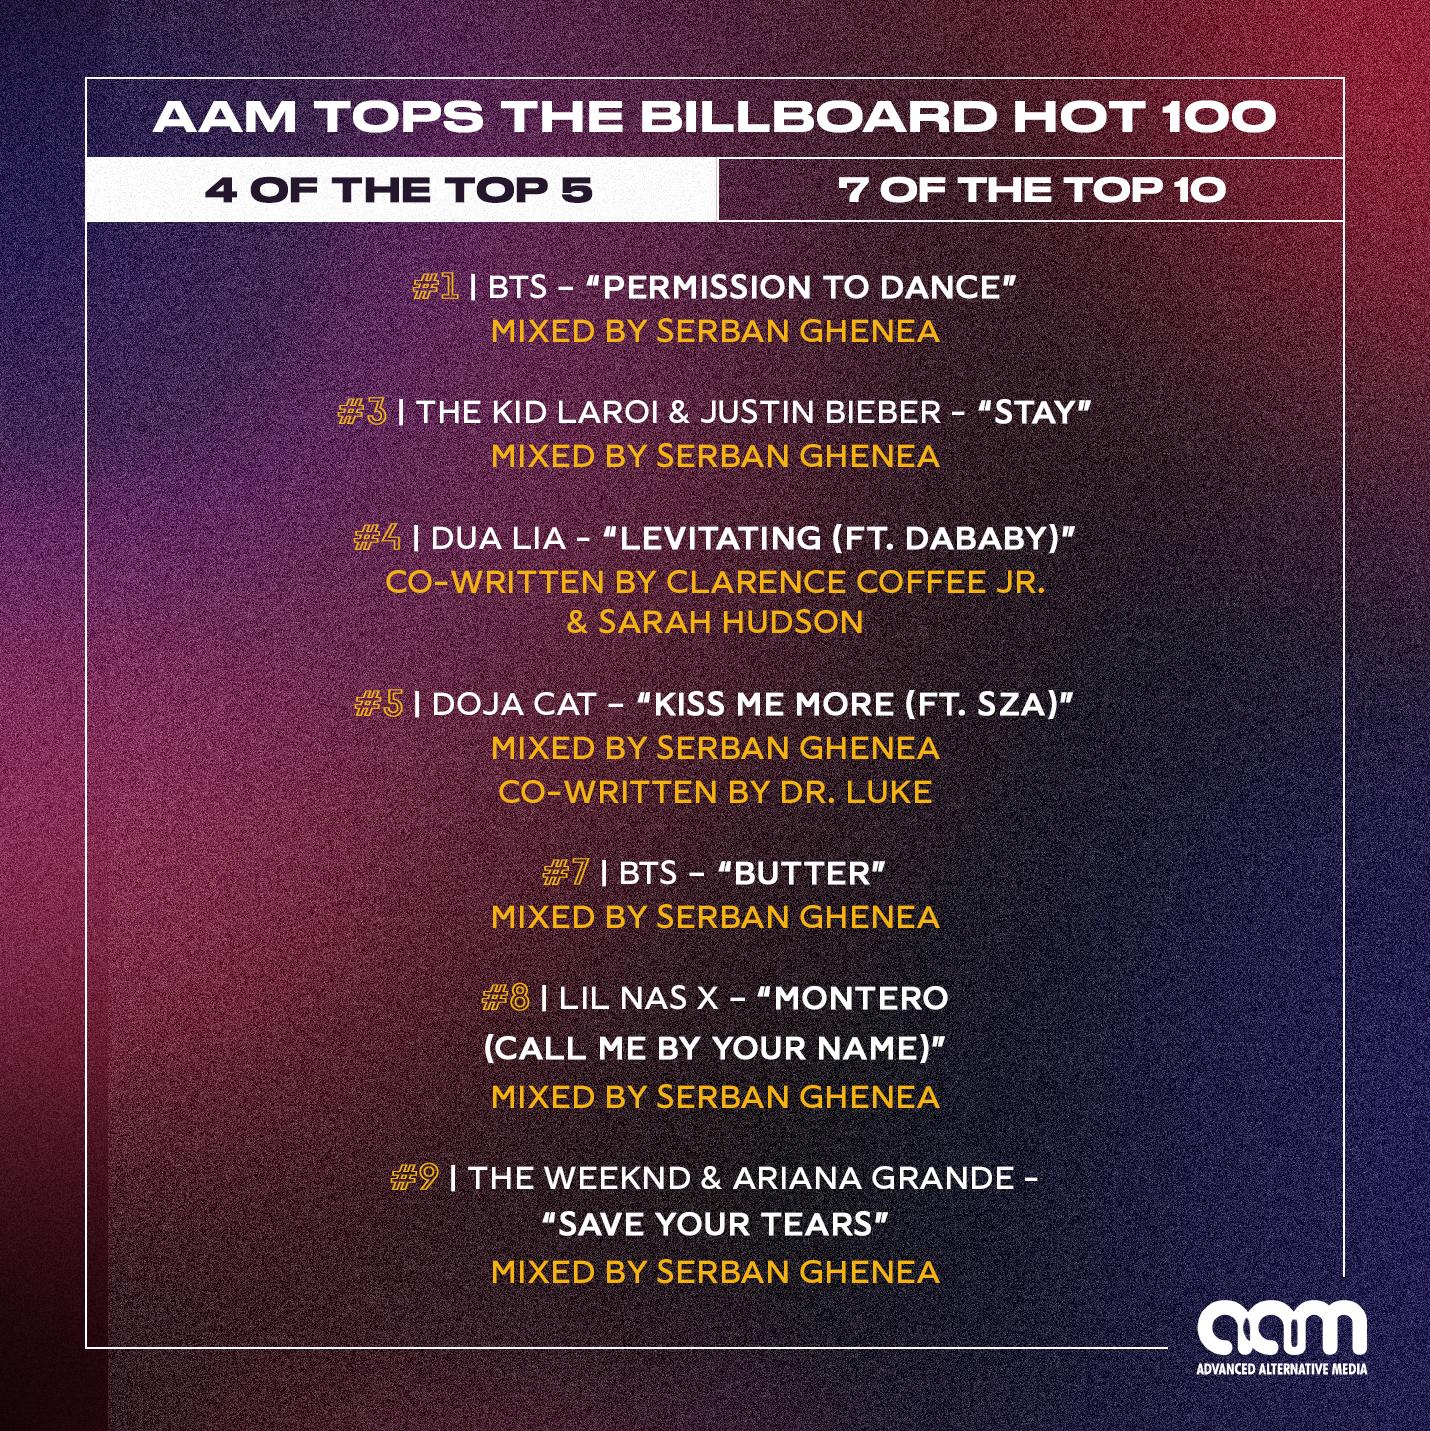 AAM Tops the Billboard Hot 100!